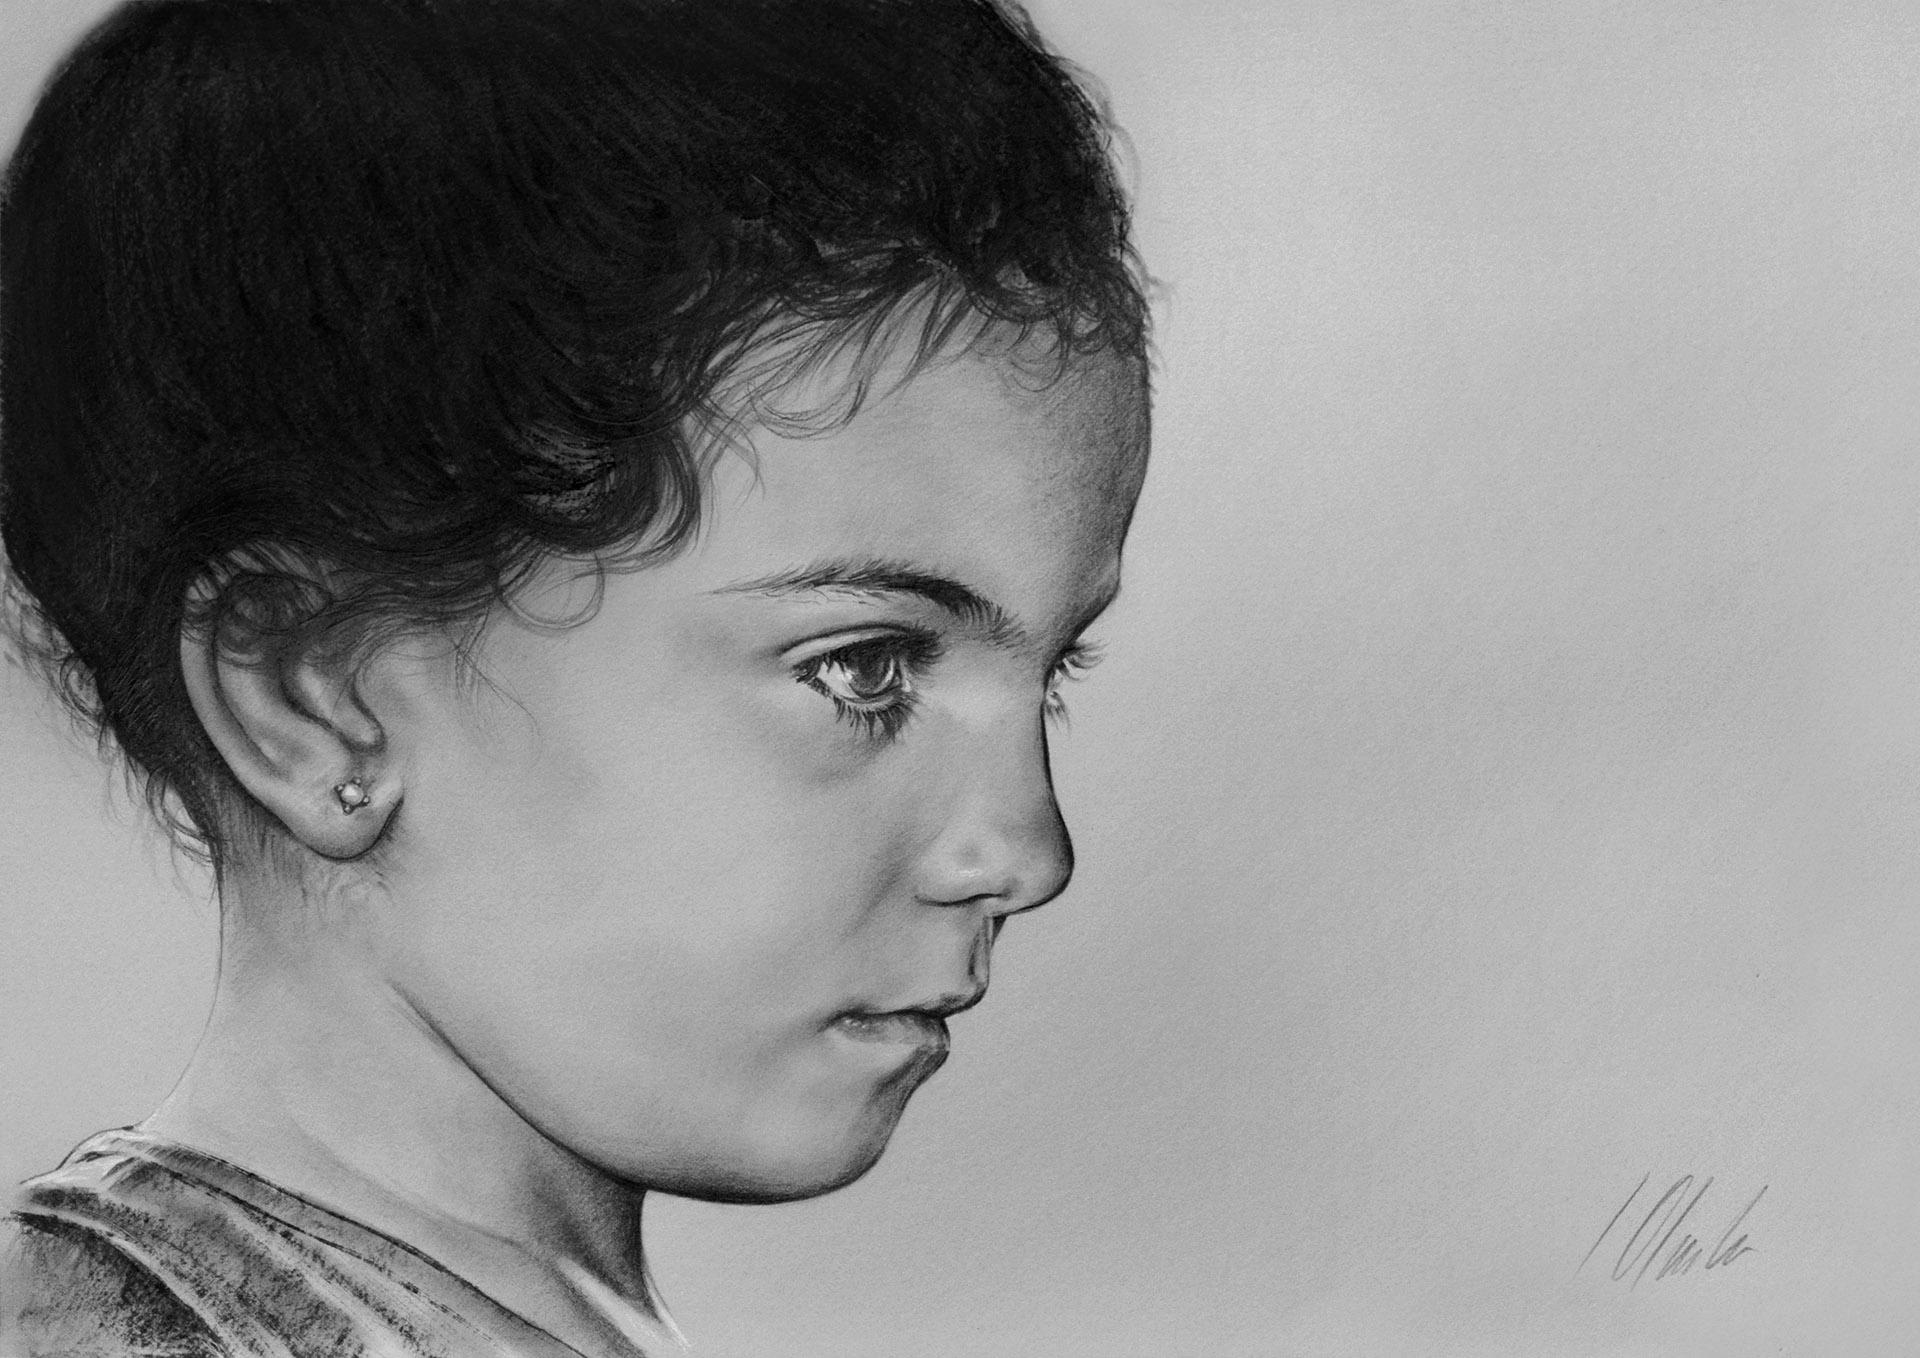 Aiala. Javier Olmedo, grafito. 50 x 35 cm. Año 2017